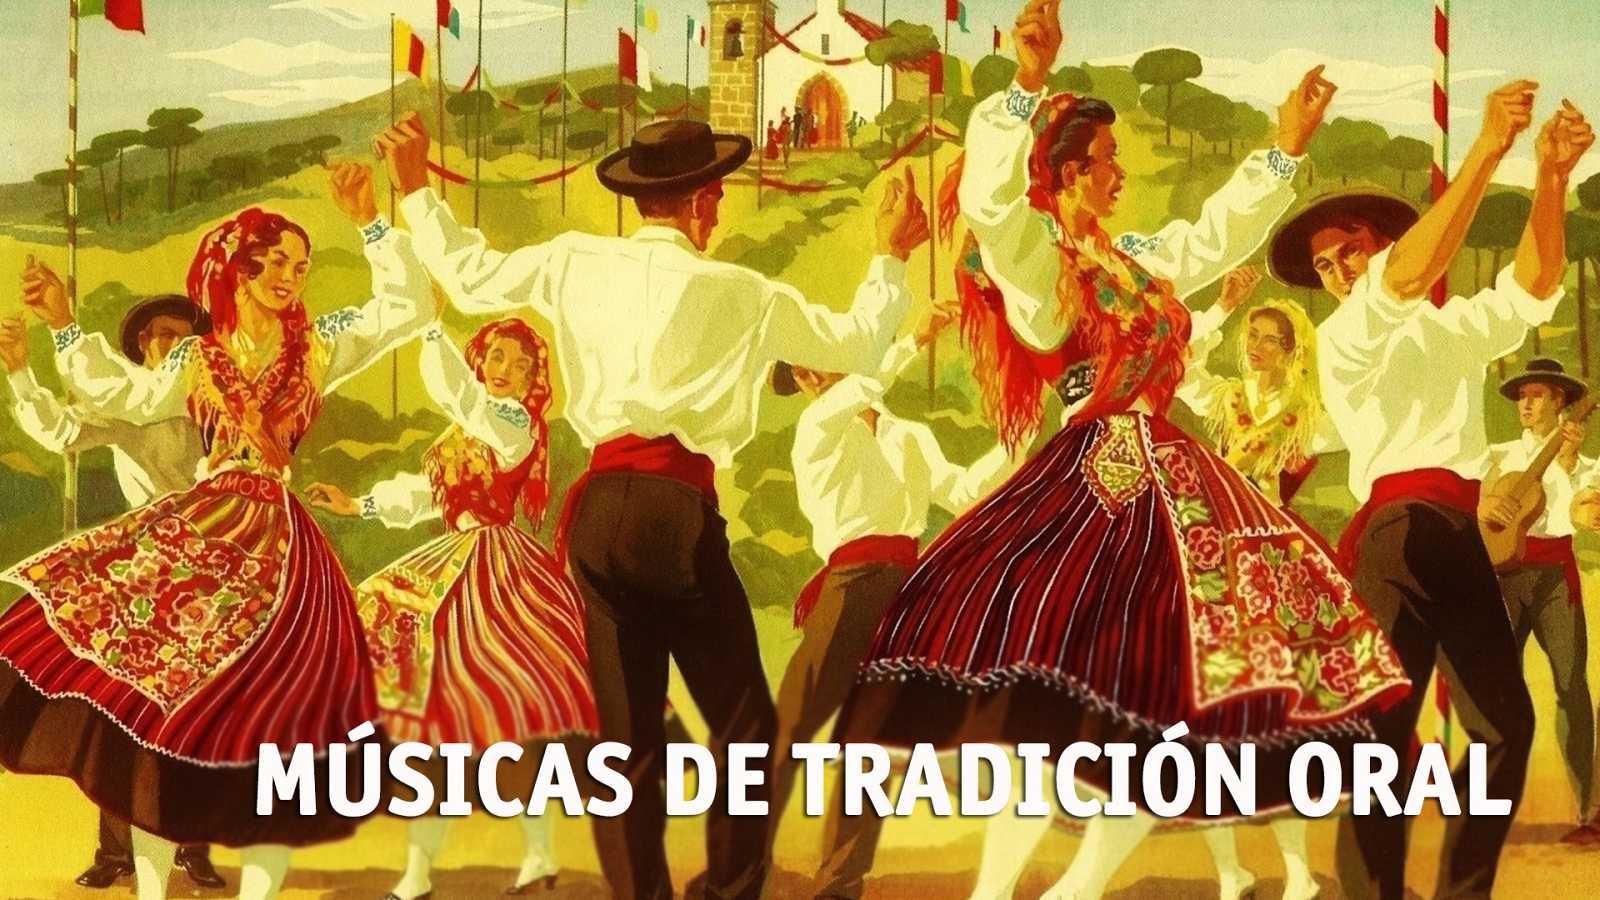 Músicas de tradición oral - Del Pirineo aragonés a Jerez de la Frontera - 11/03/18 - escuchar ahora